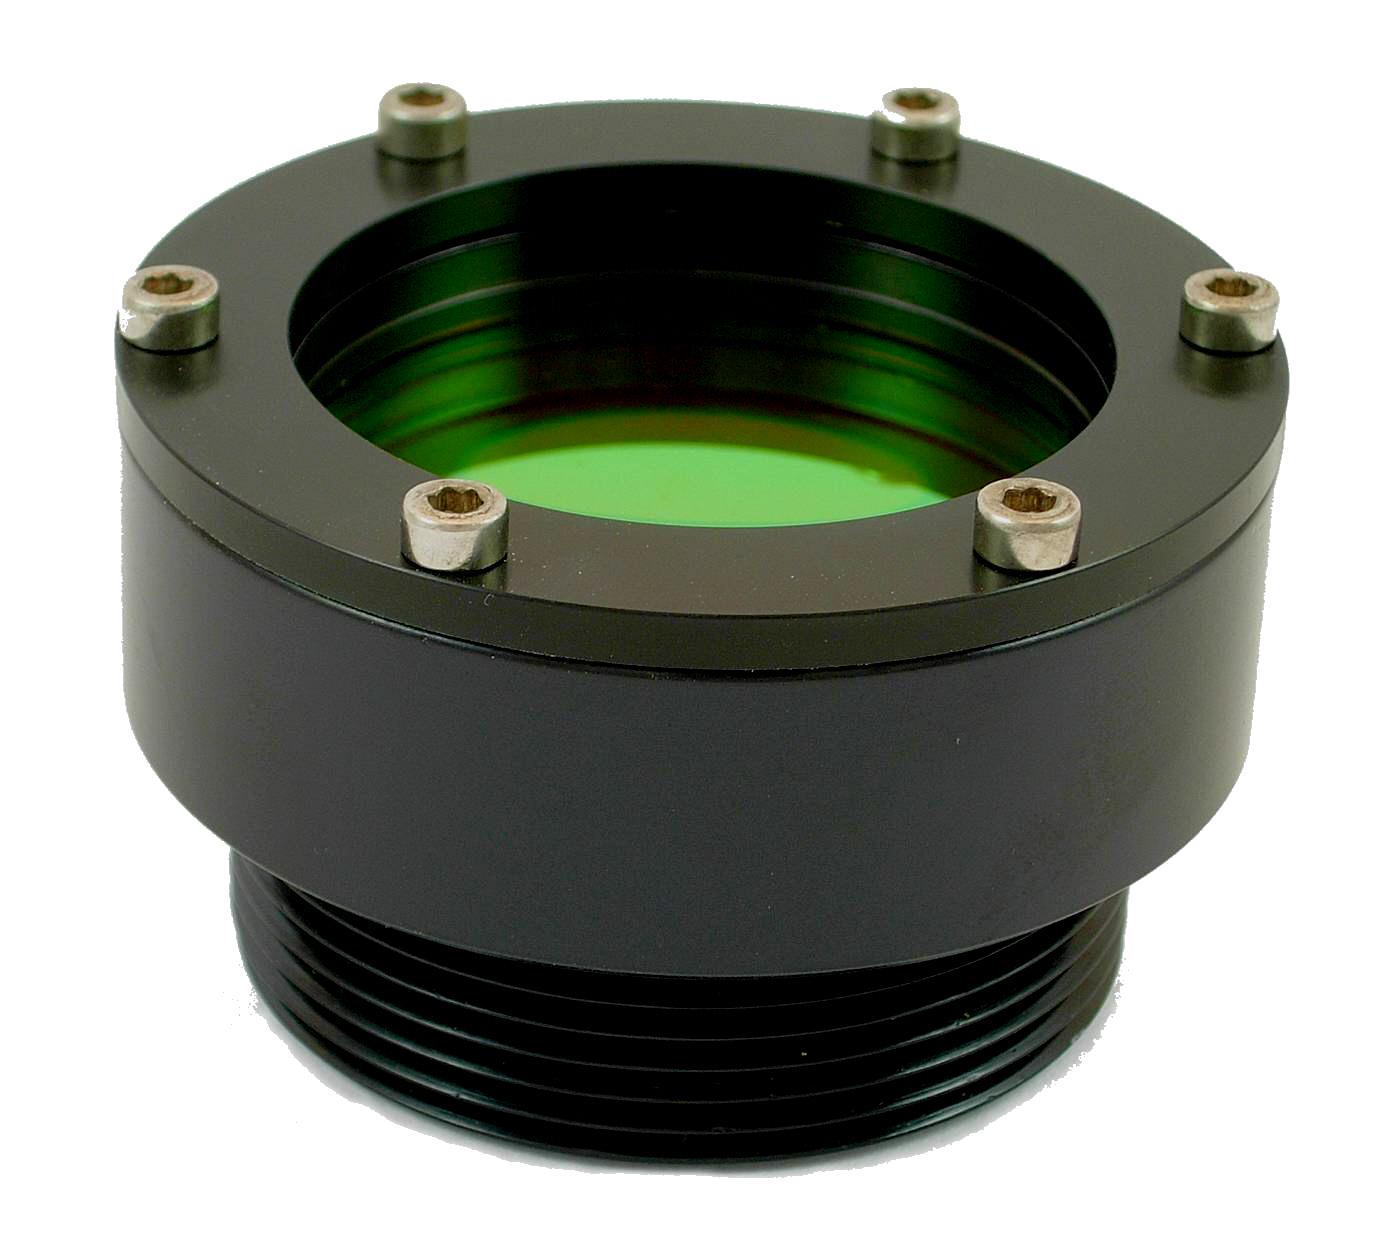 Amada Laser Optics Lenses Nozzles Consumables Lens Assemblies